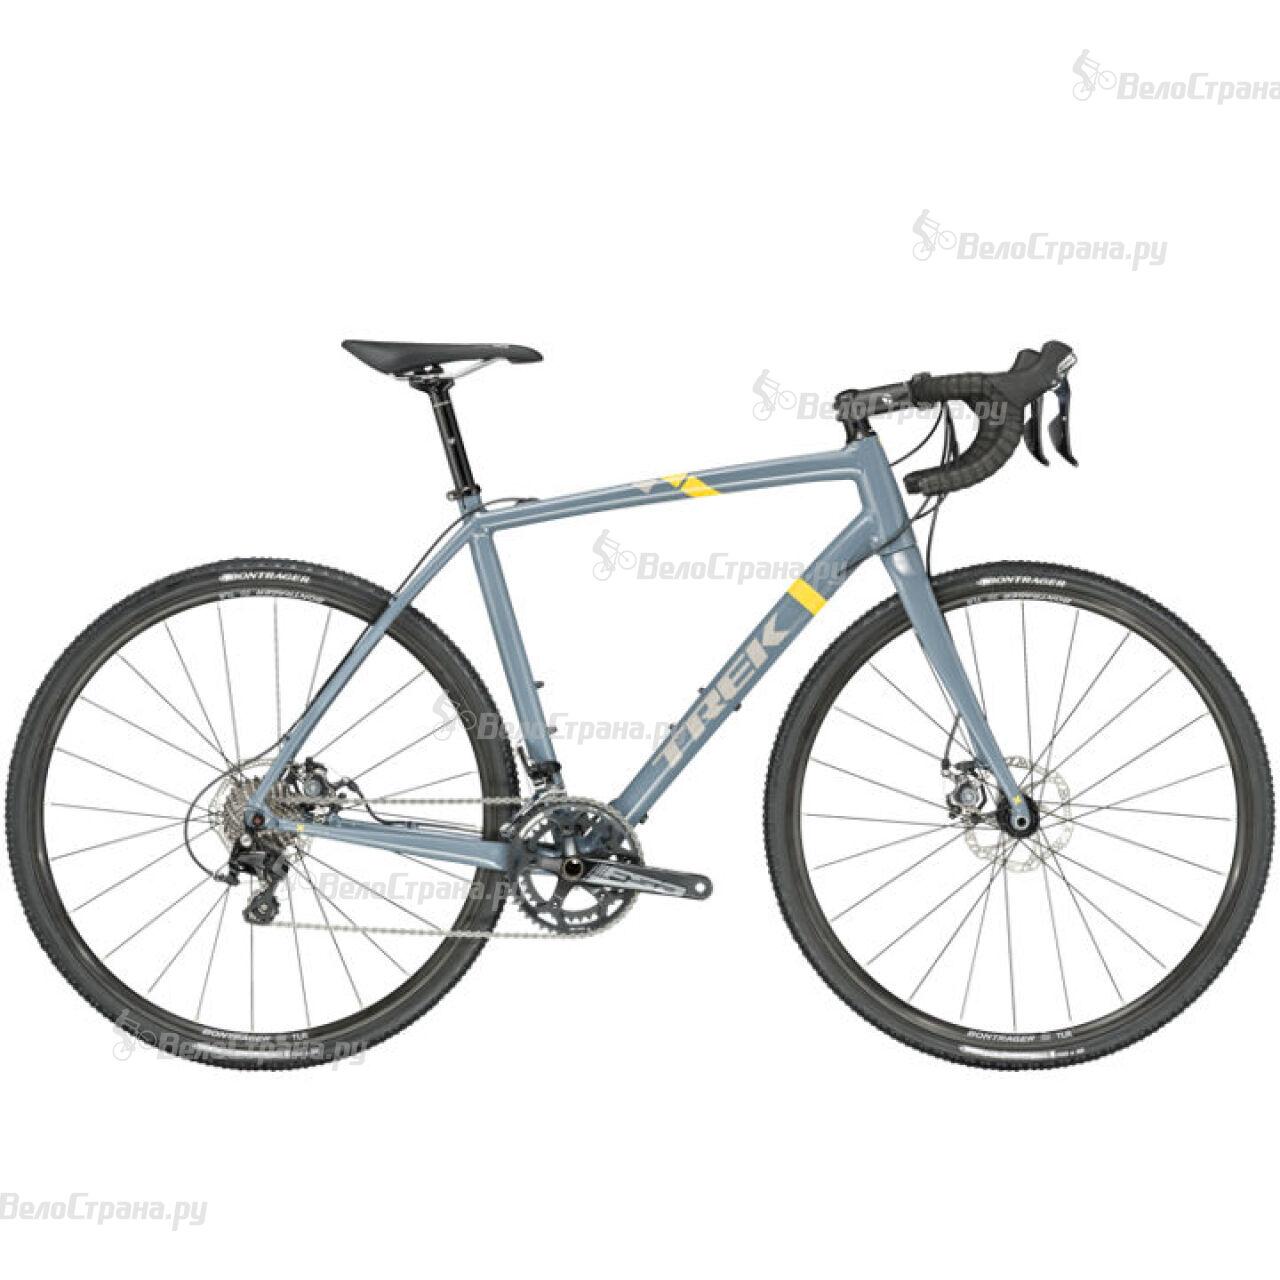 Велосипед Trek Crockett 5 Disc (2017) все цены